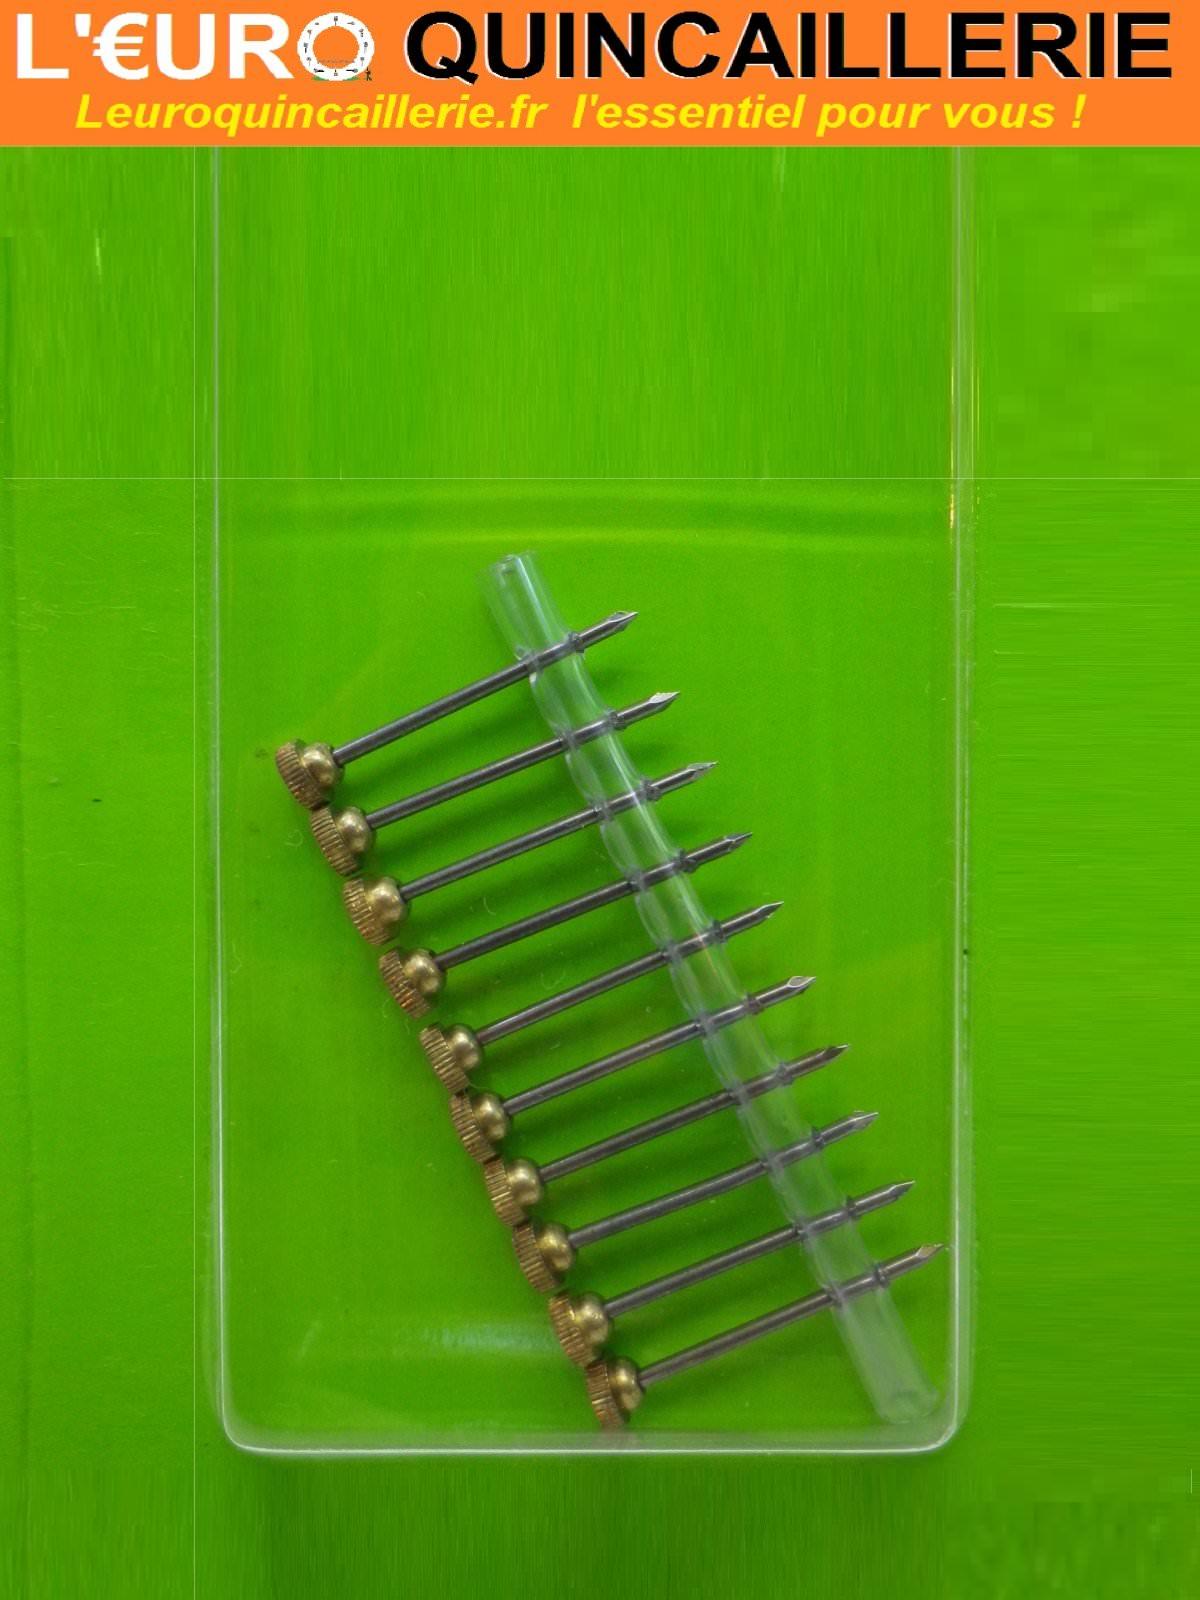 10 Aiguilles pour crochet tableau LUXE 25mm